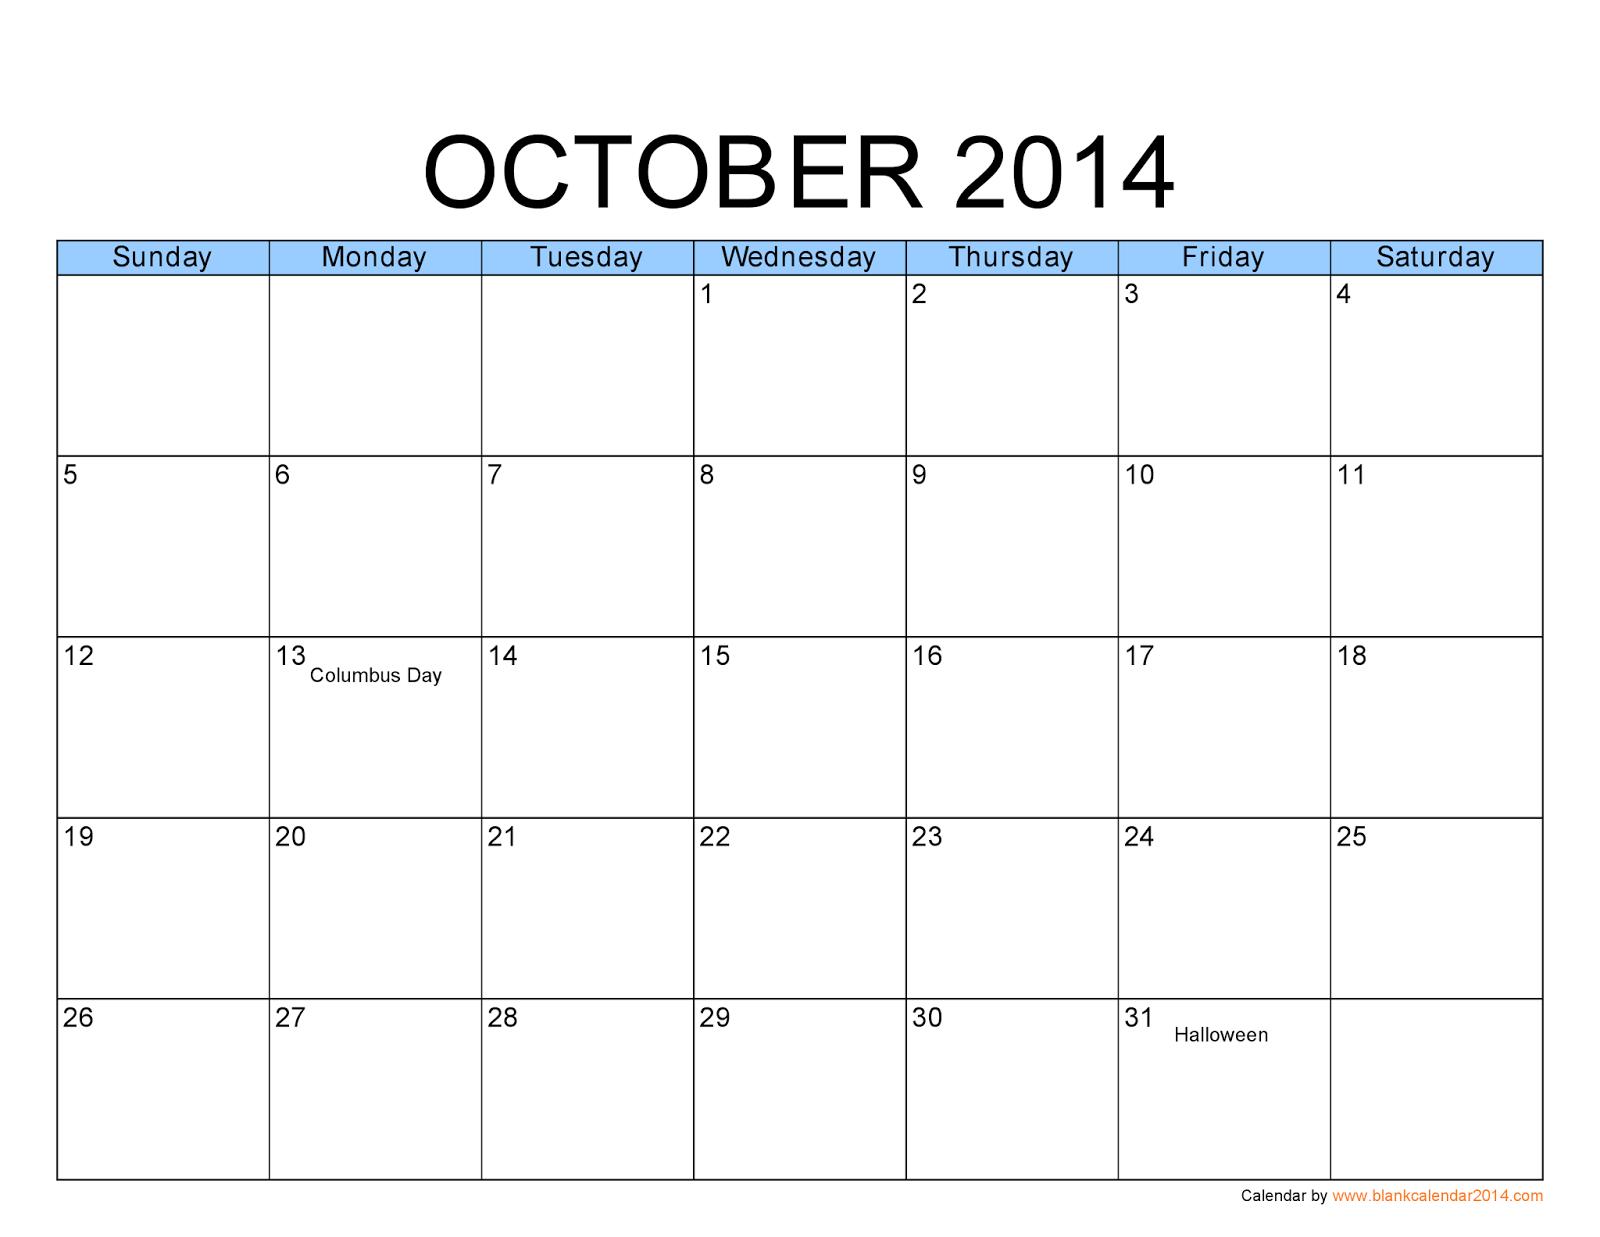 October Blank Calendar 2014 | Calendars  Kalendar  Calendario with regard to Blank Calendar 2014